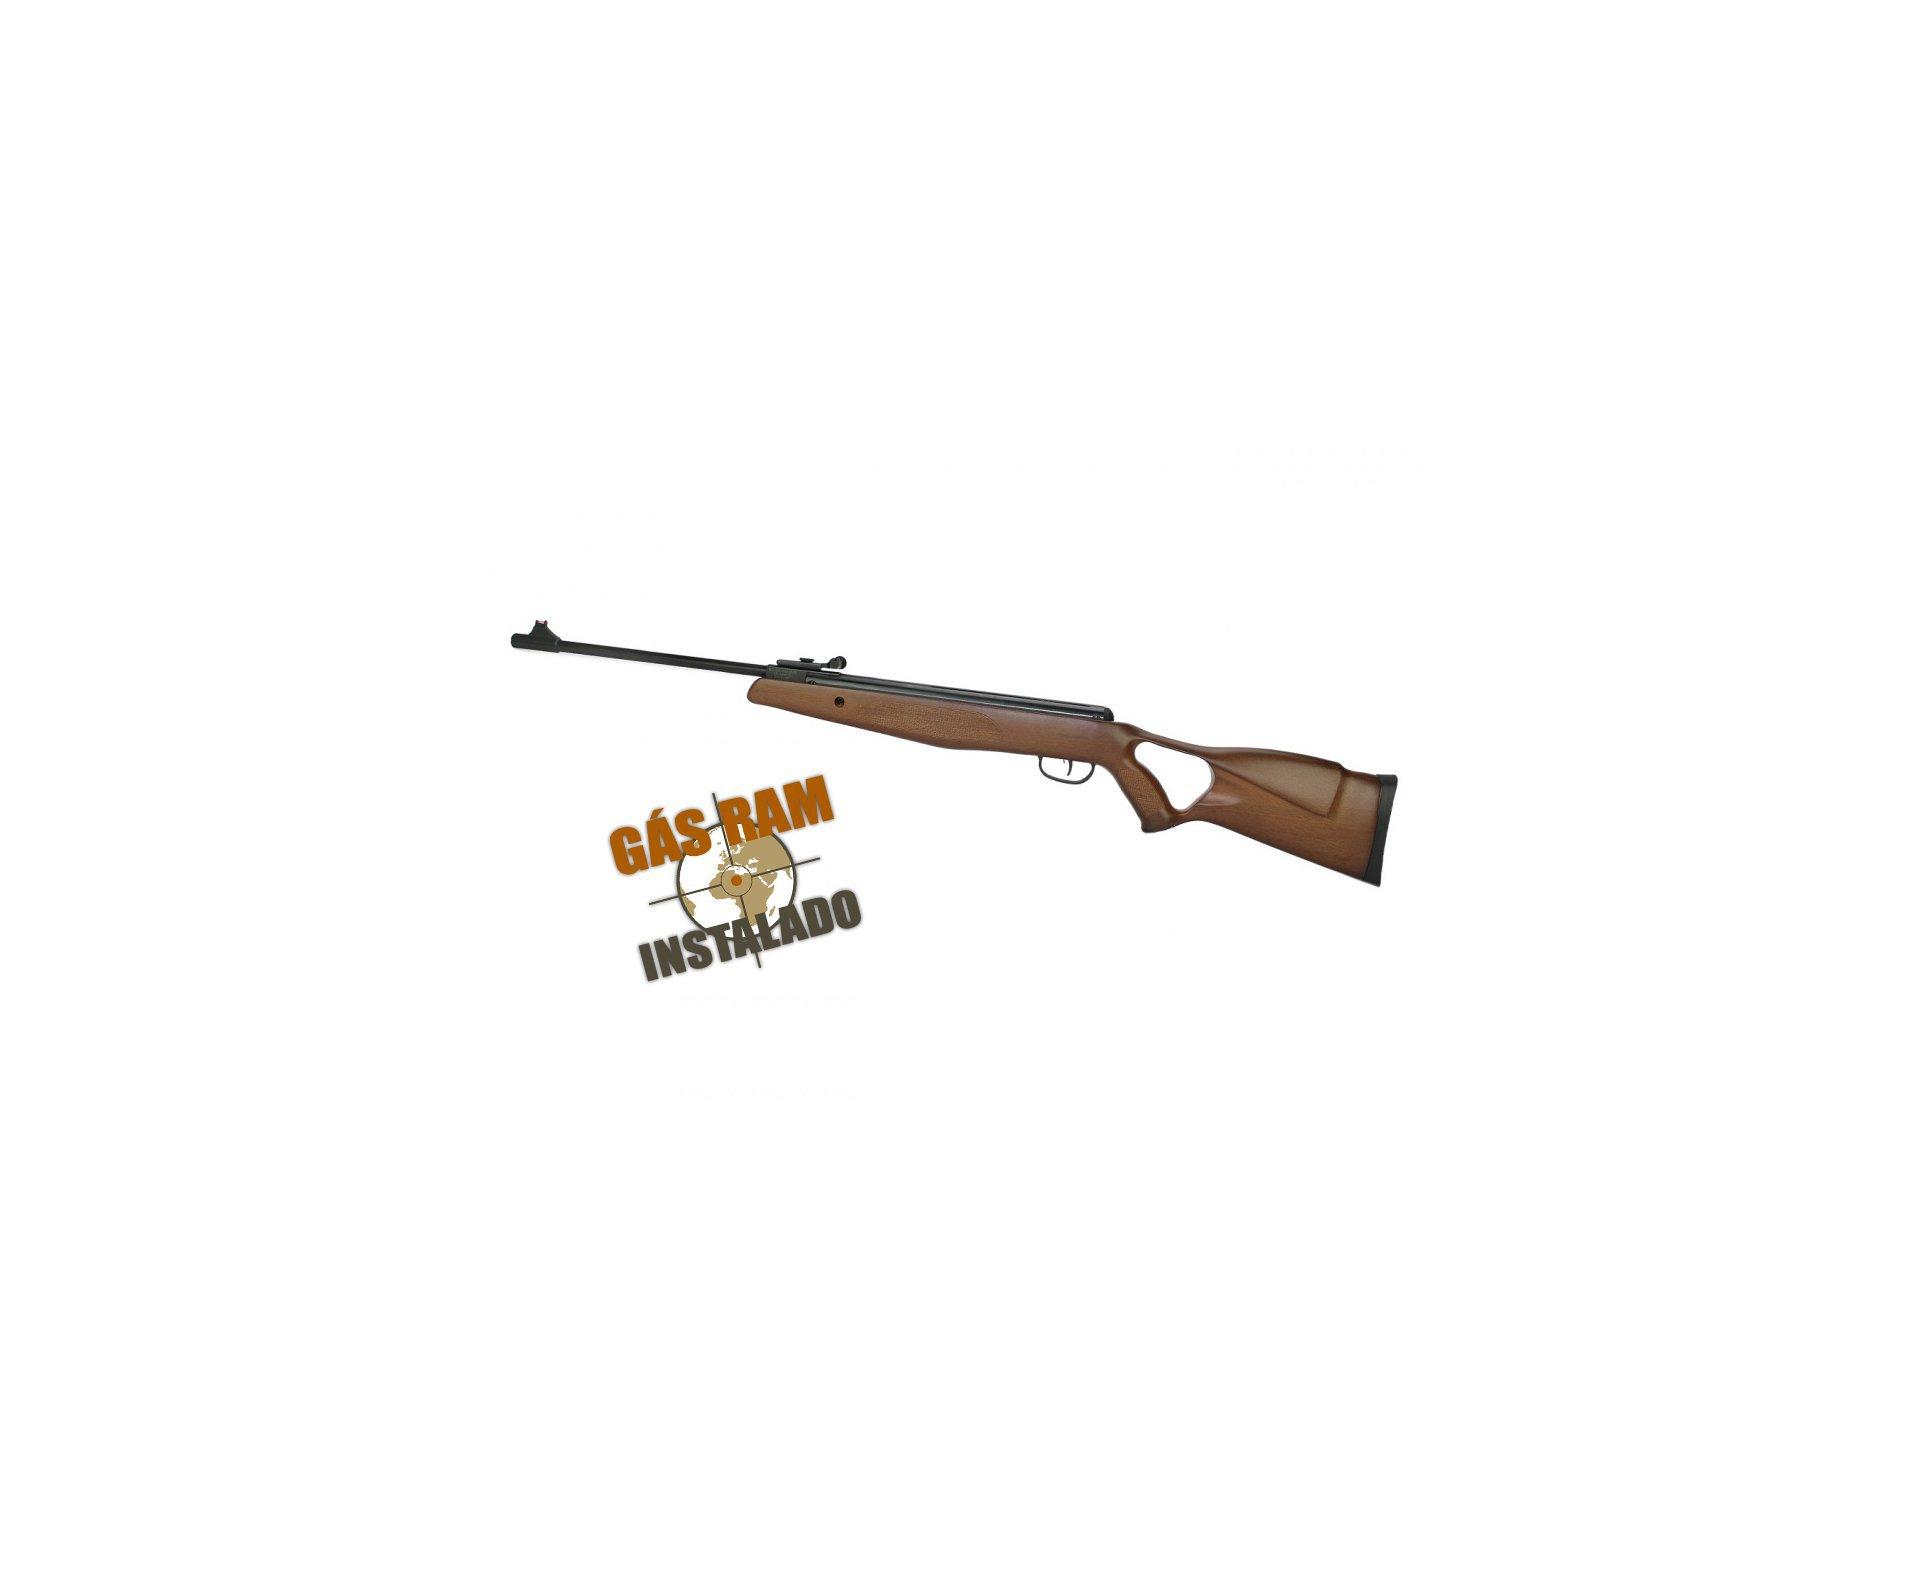 Carabina De Pressão Bam B19-z Hunter Wood Super Match 5.5mm Com Gas Ram 45kg - Swbr